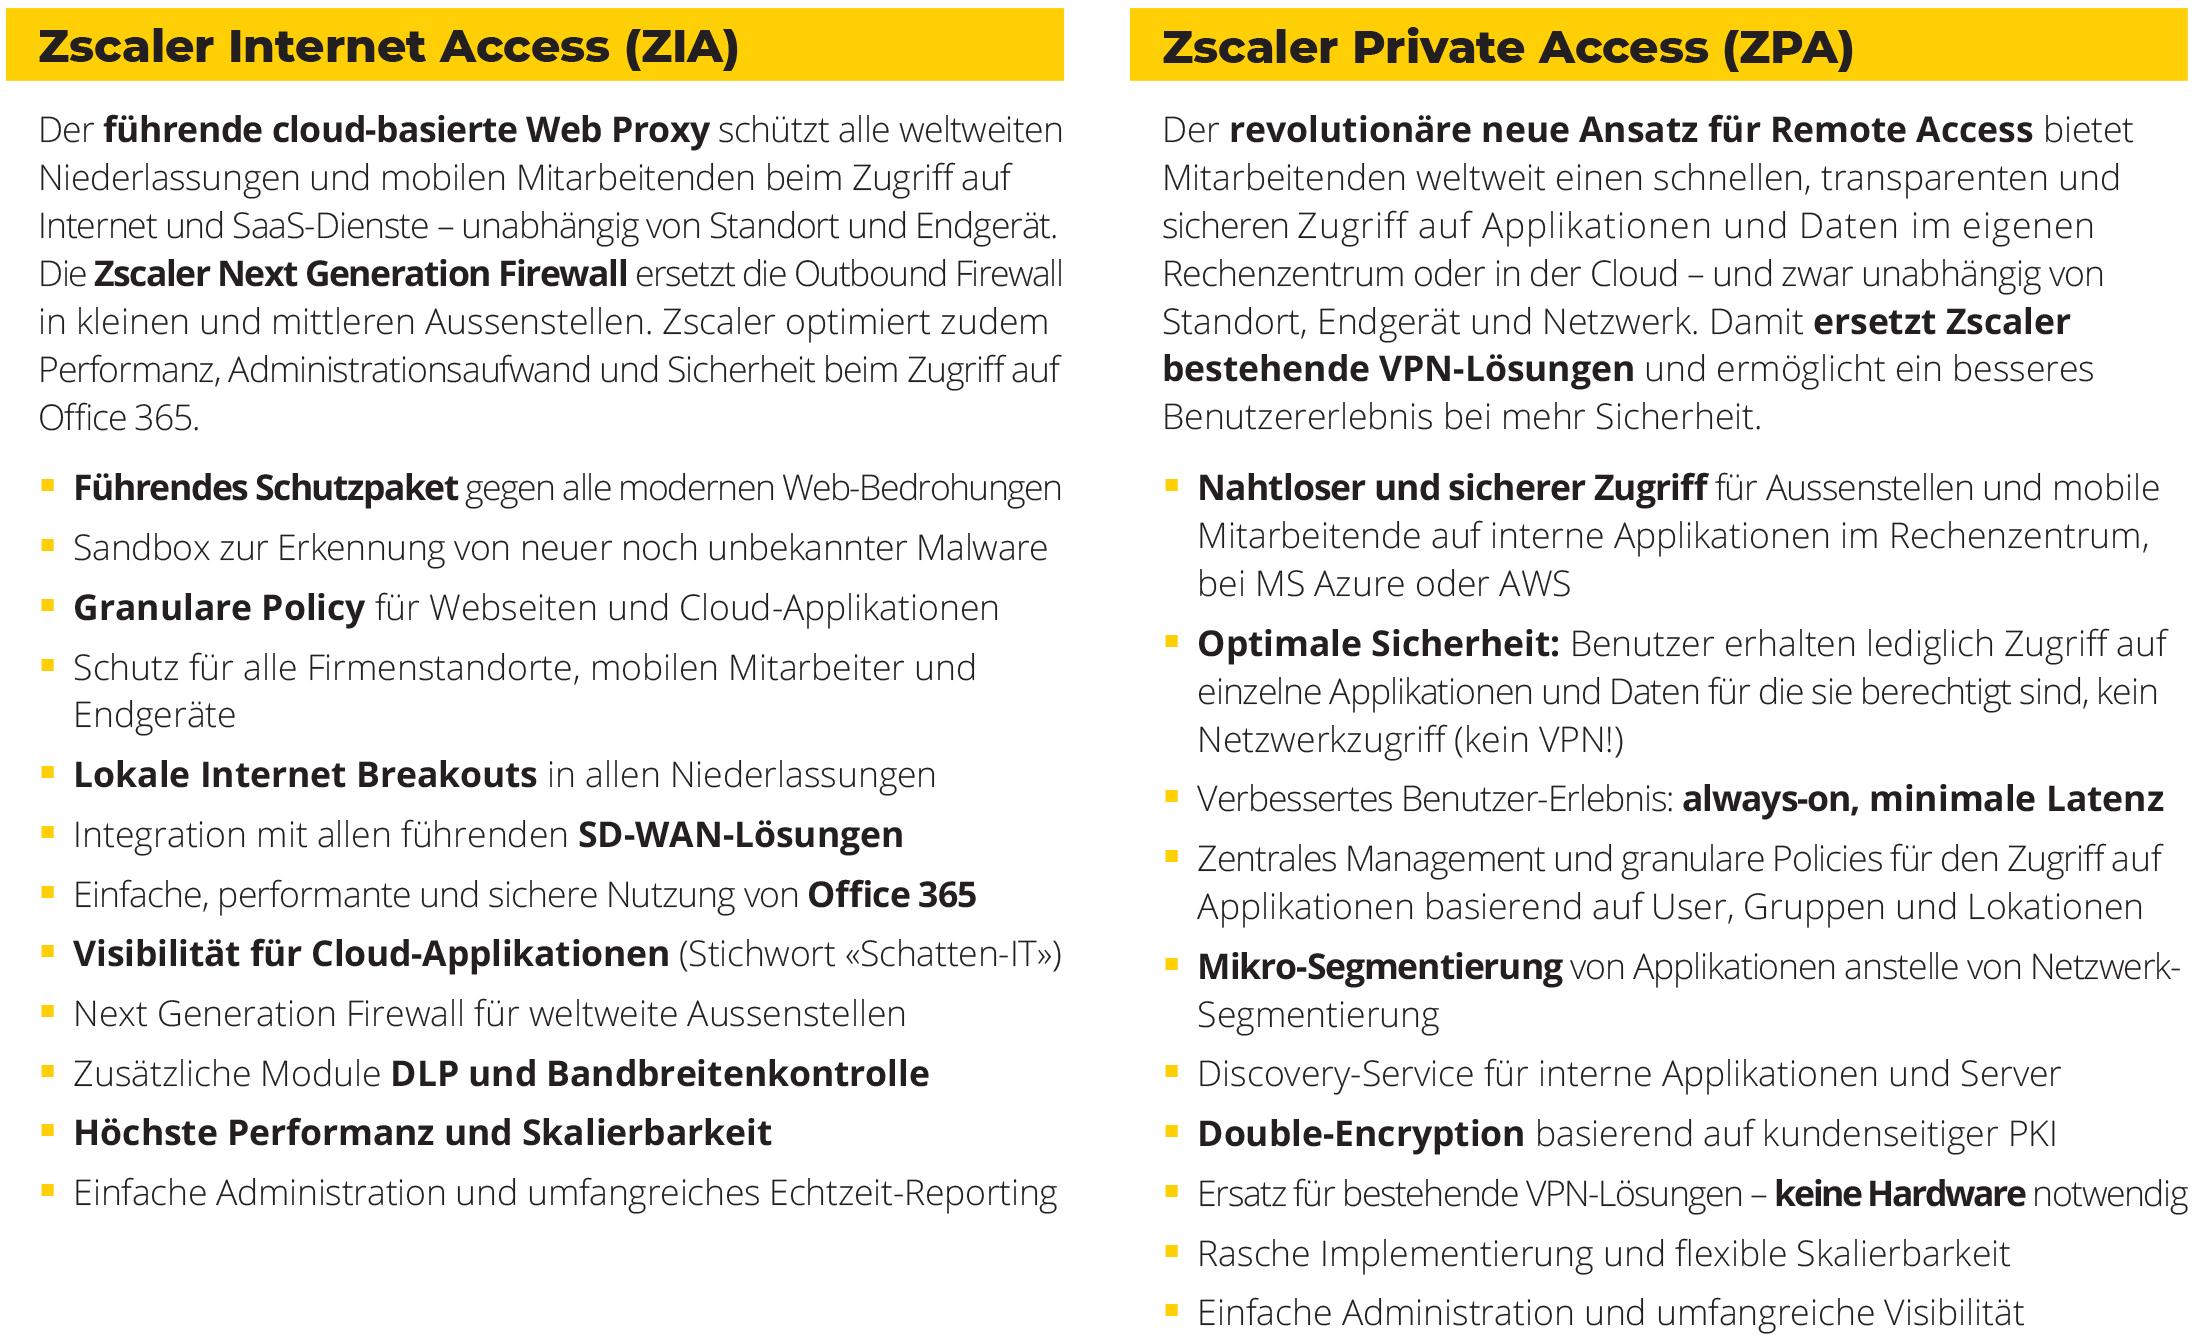 Zscaler Internet und Private Access